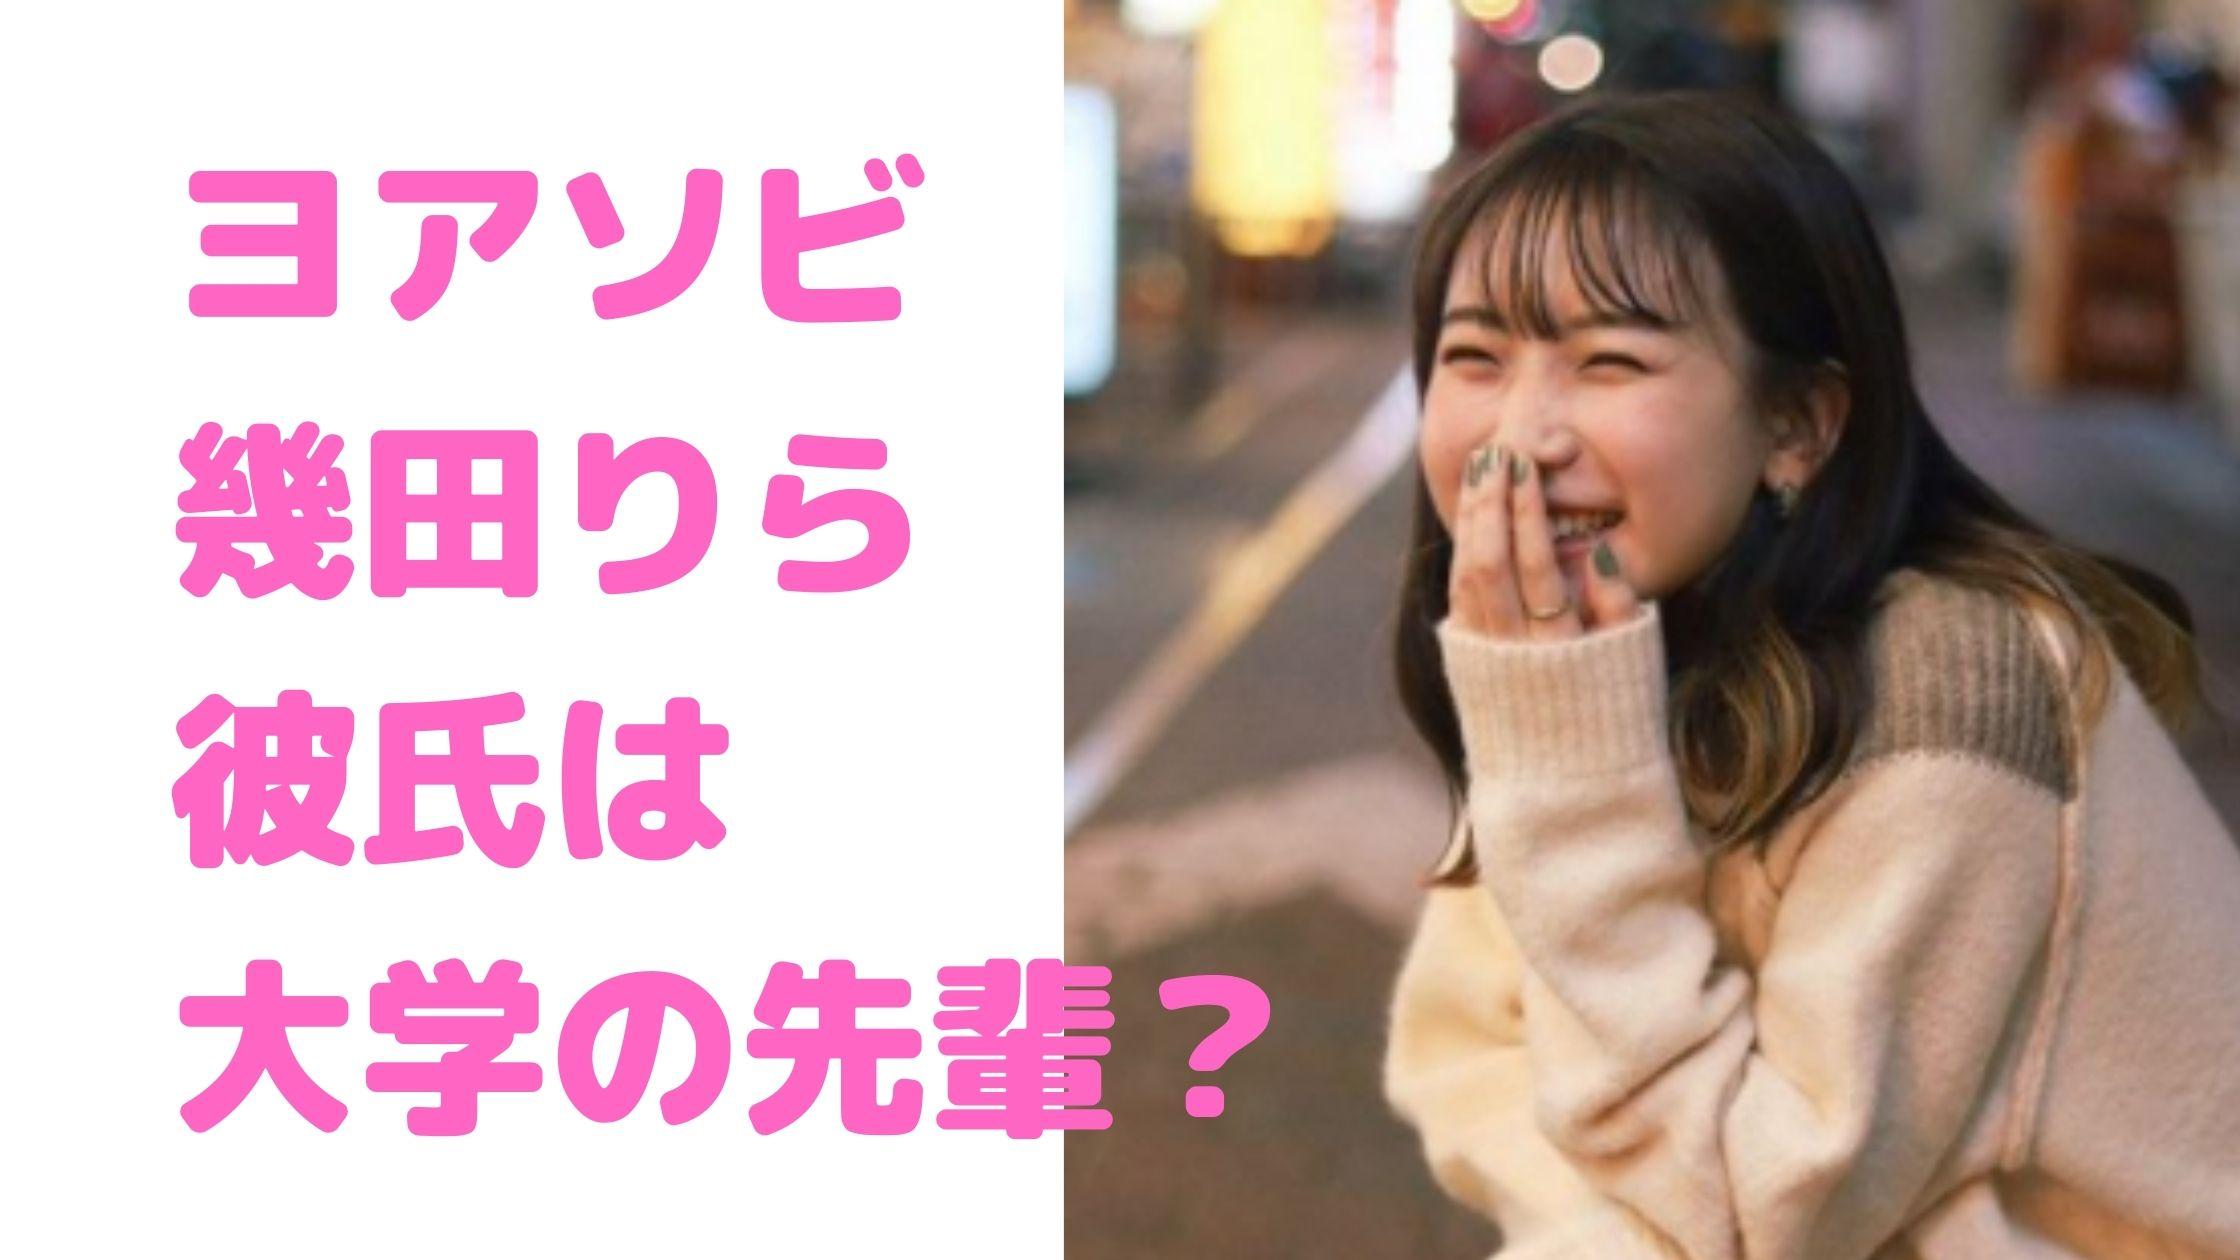 ヨアソビ yoasobi ikura 幾田りら 彼氏 大学 高校 中学 明星学園 卒業アルバム